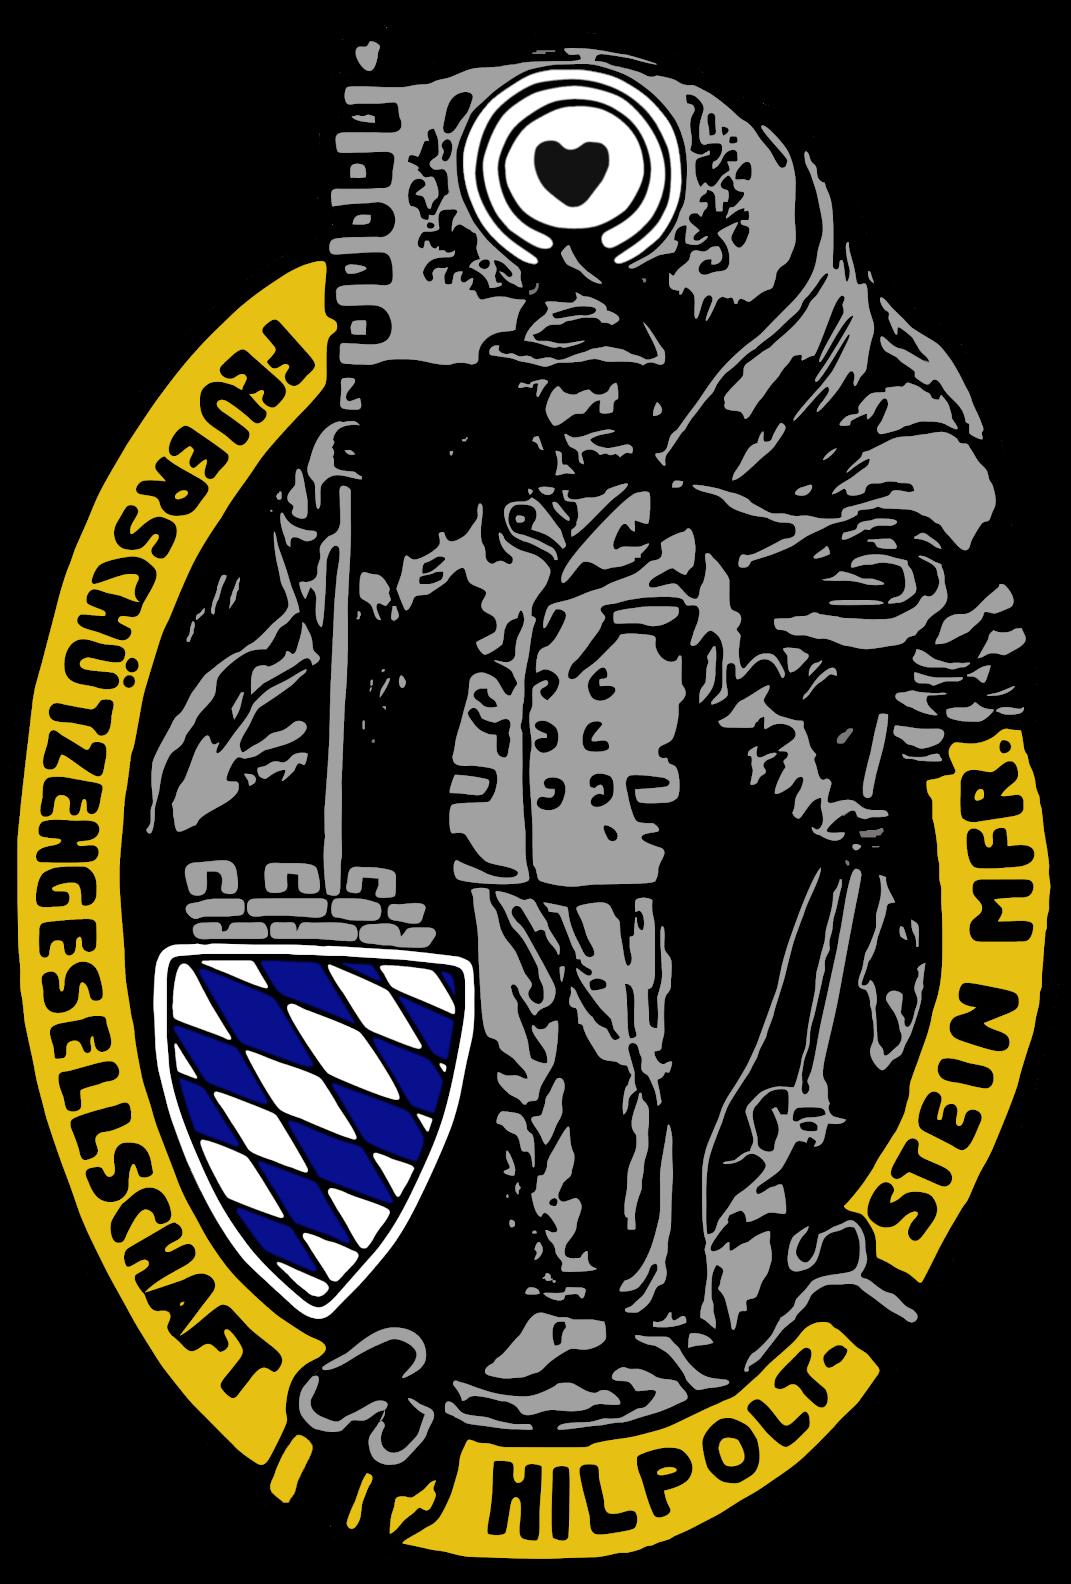 Königlich privilegierte FSG Hilpoltstein